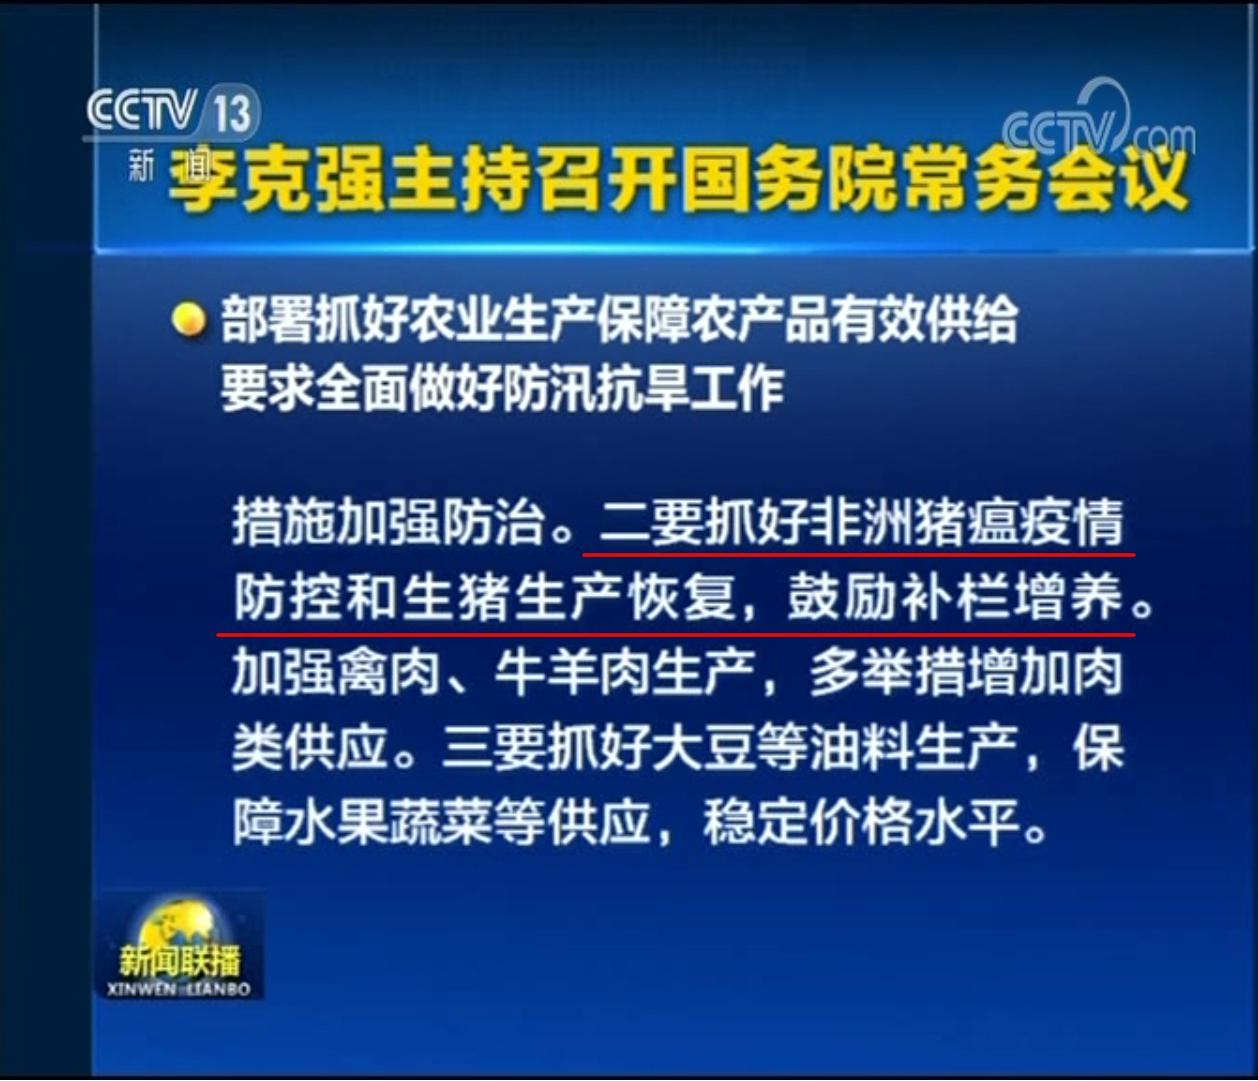 李克强:抓好非洲猪瘟疫情防控和生猪生产恢复工作